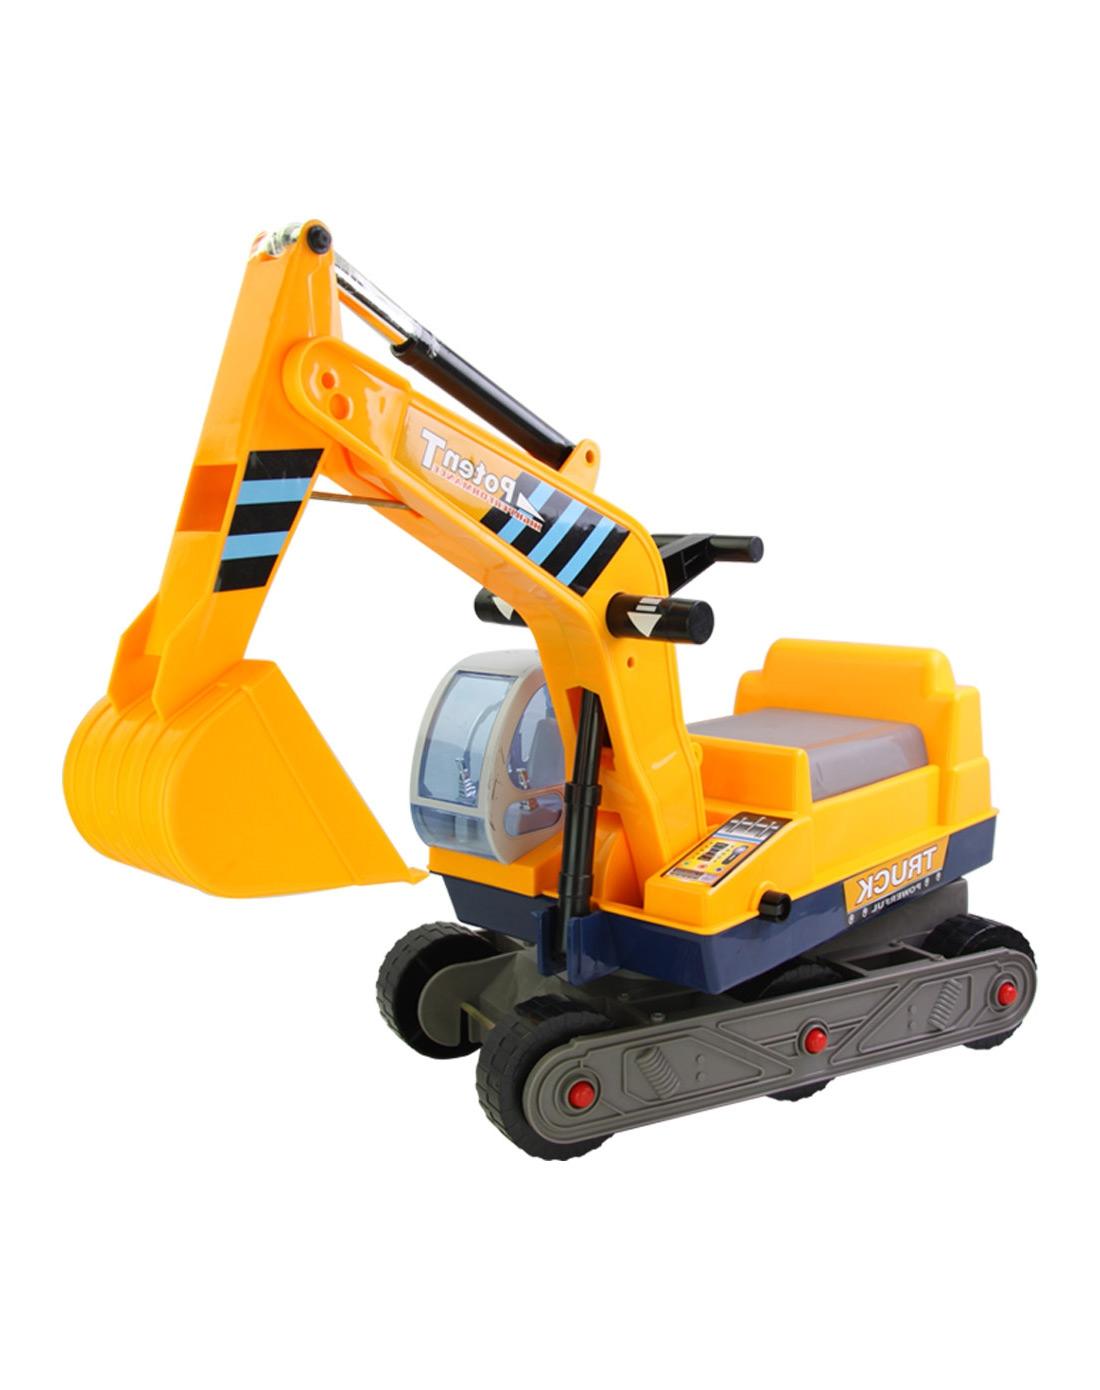 儿童铁质玩具挖土机